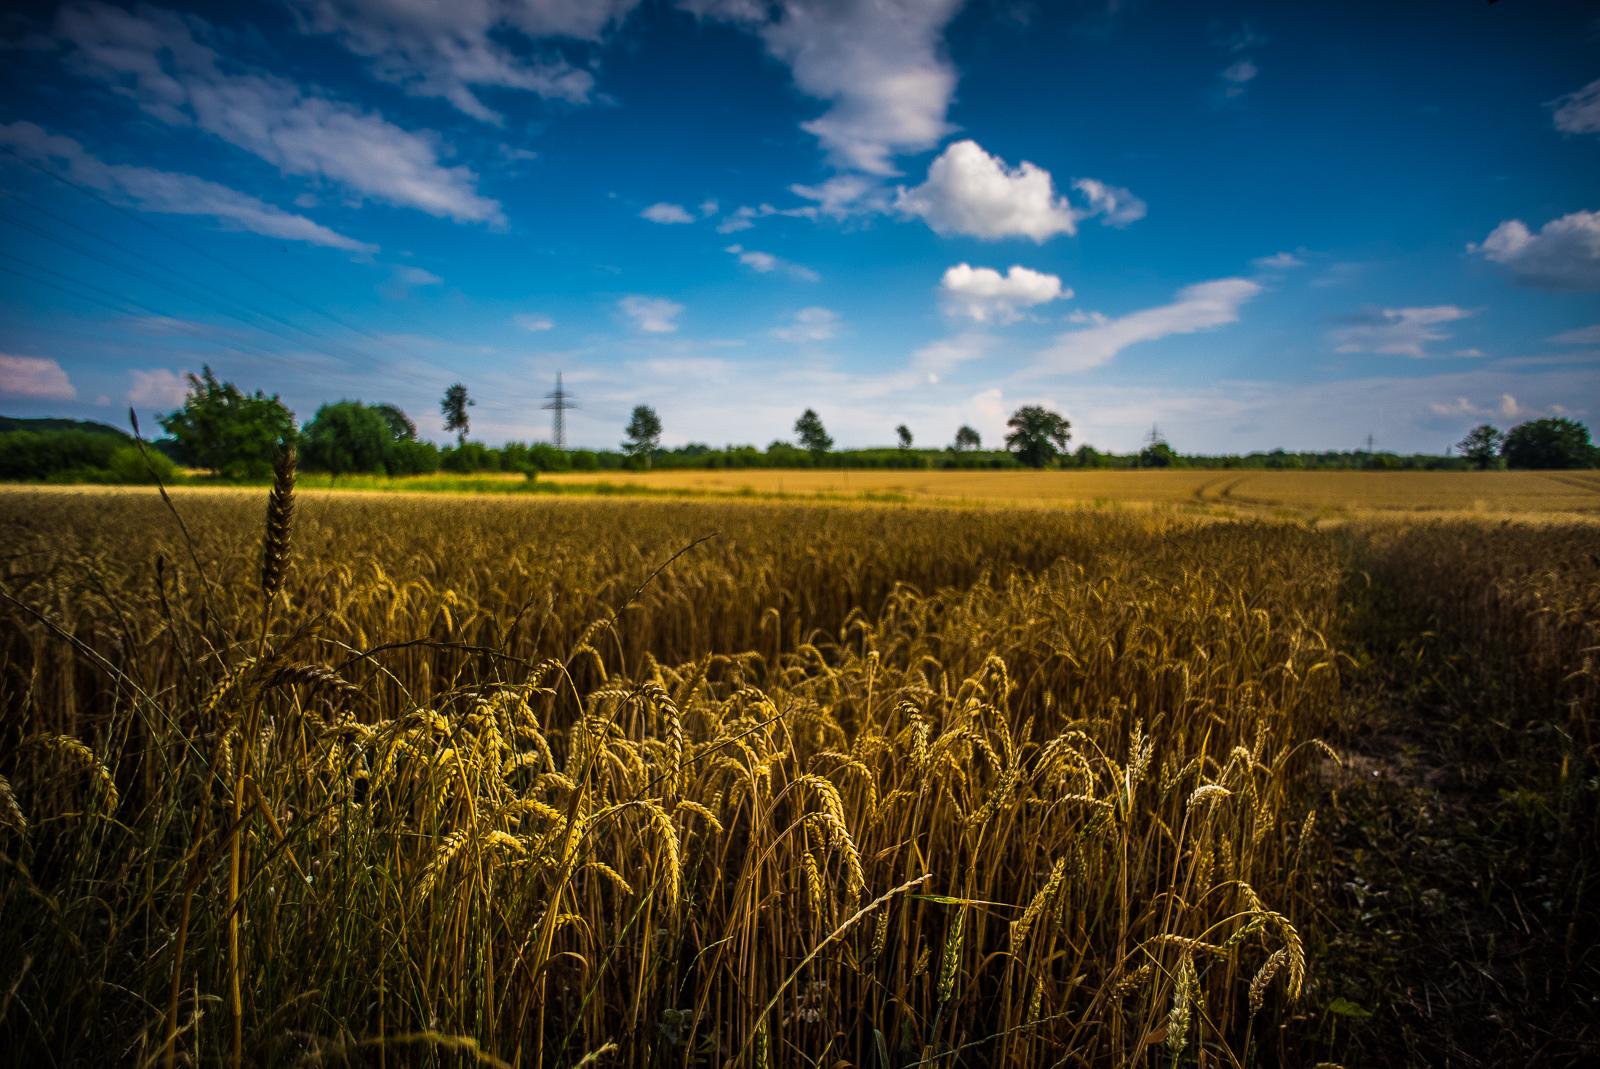 Wolken über einem Getreidefeld